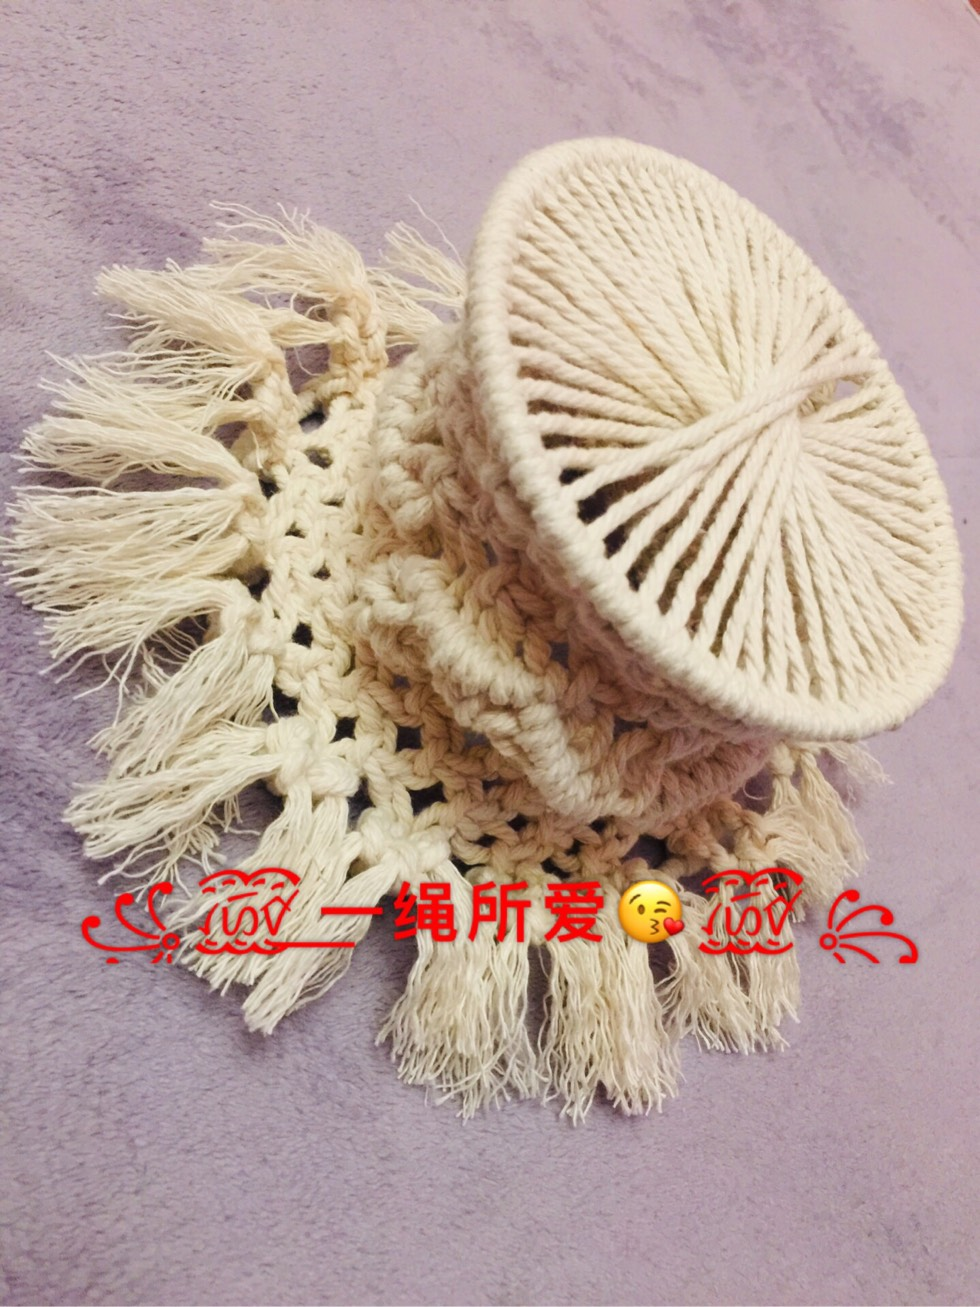 中国结论坛 原创·Macrame 收纳篮  立体绳结教程与交流区 143040oo8oxxy2yb7ldbbv